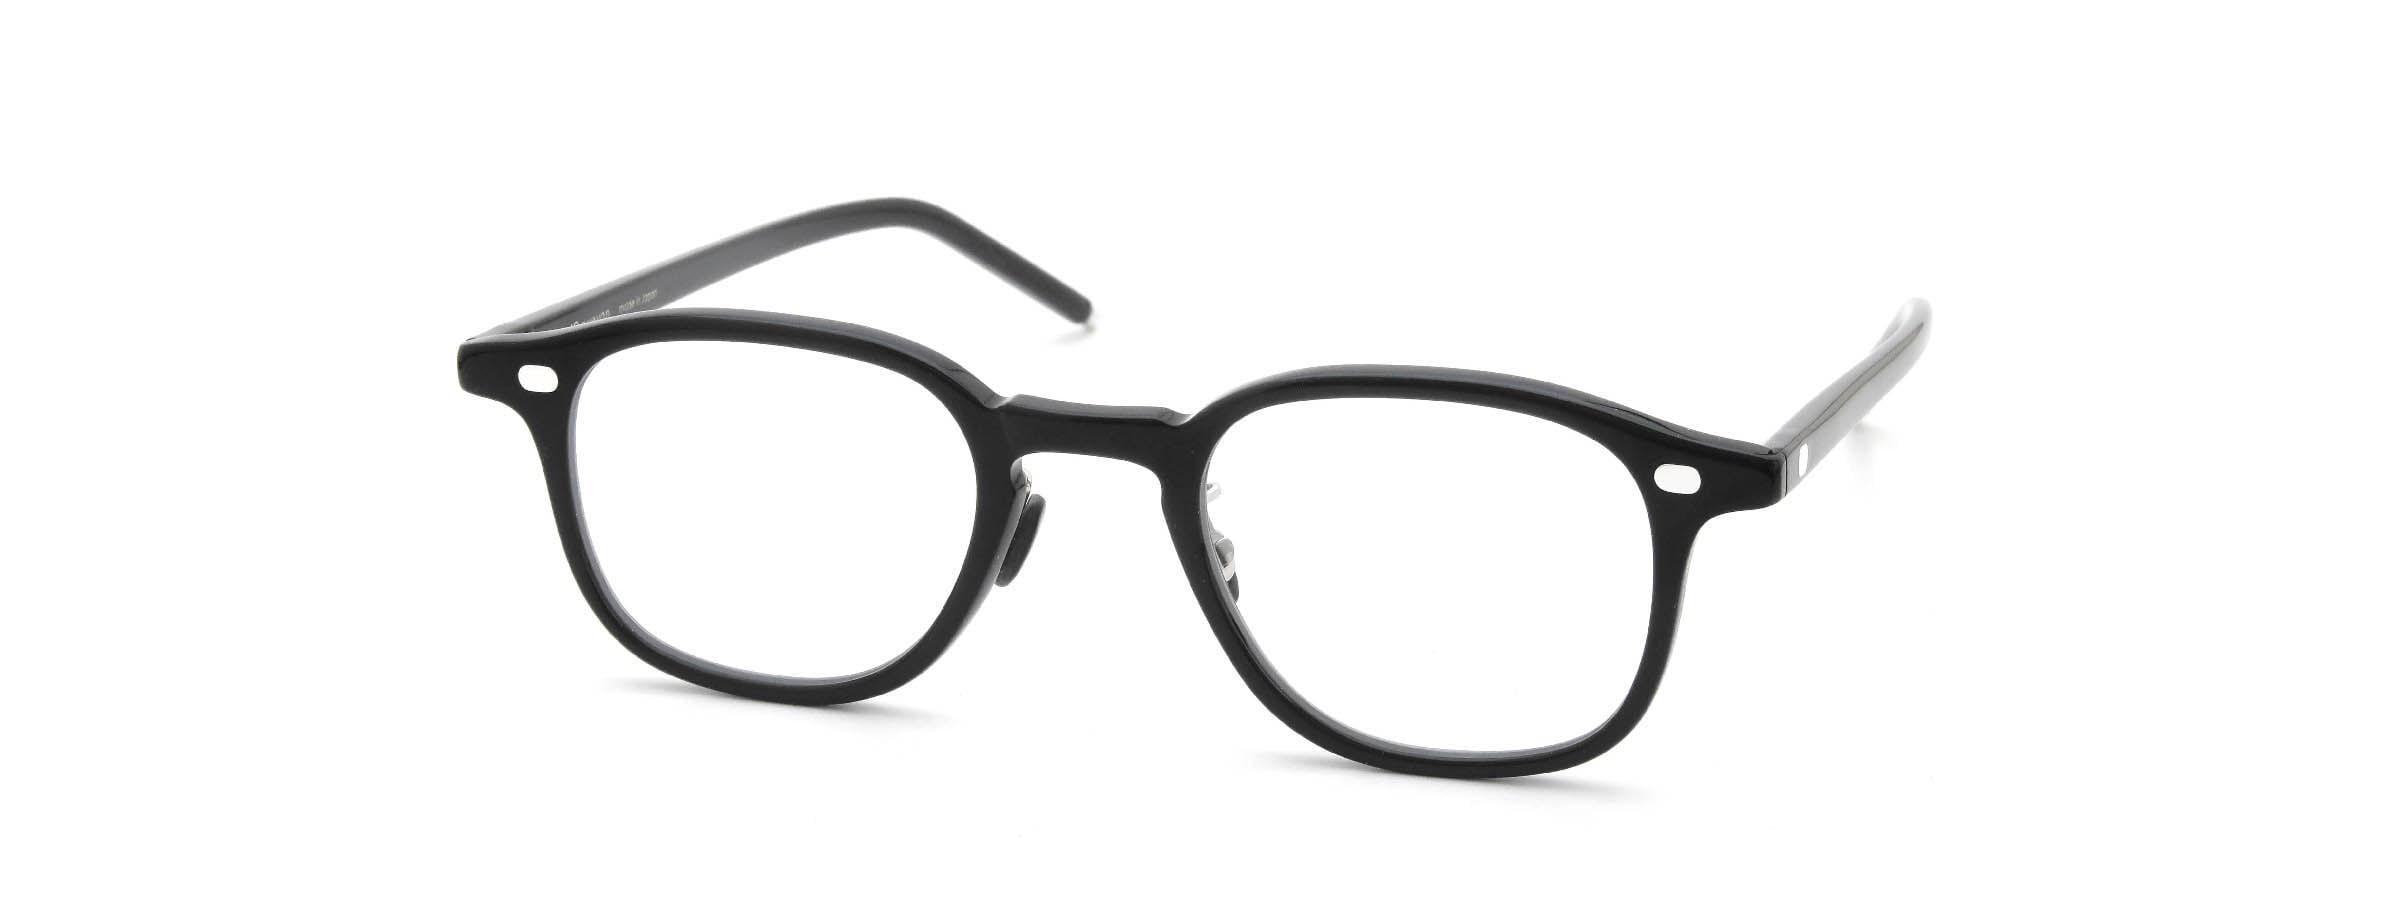 10 eyevan NO.7 Ⅲ 45size  c.1002S Black